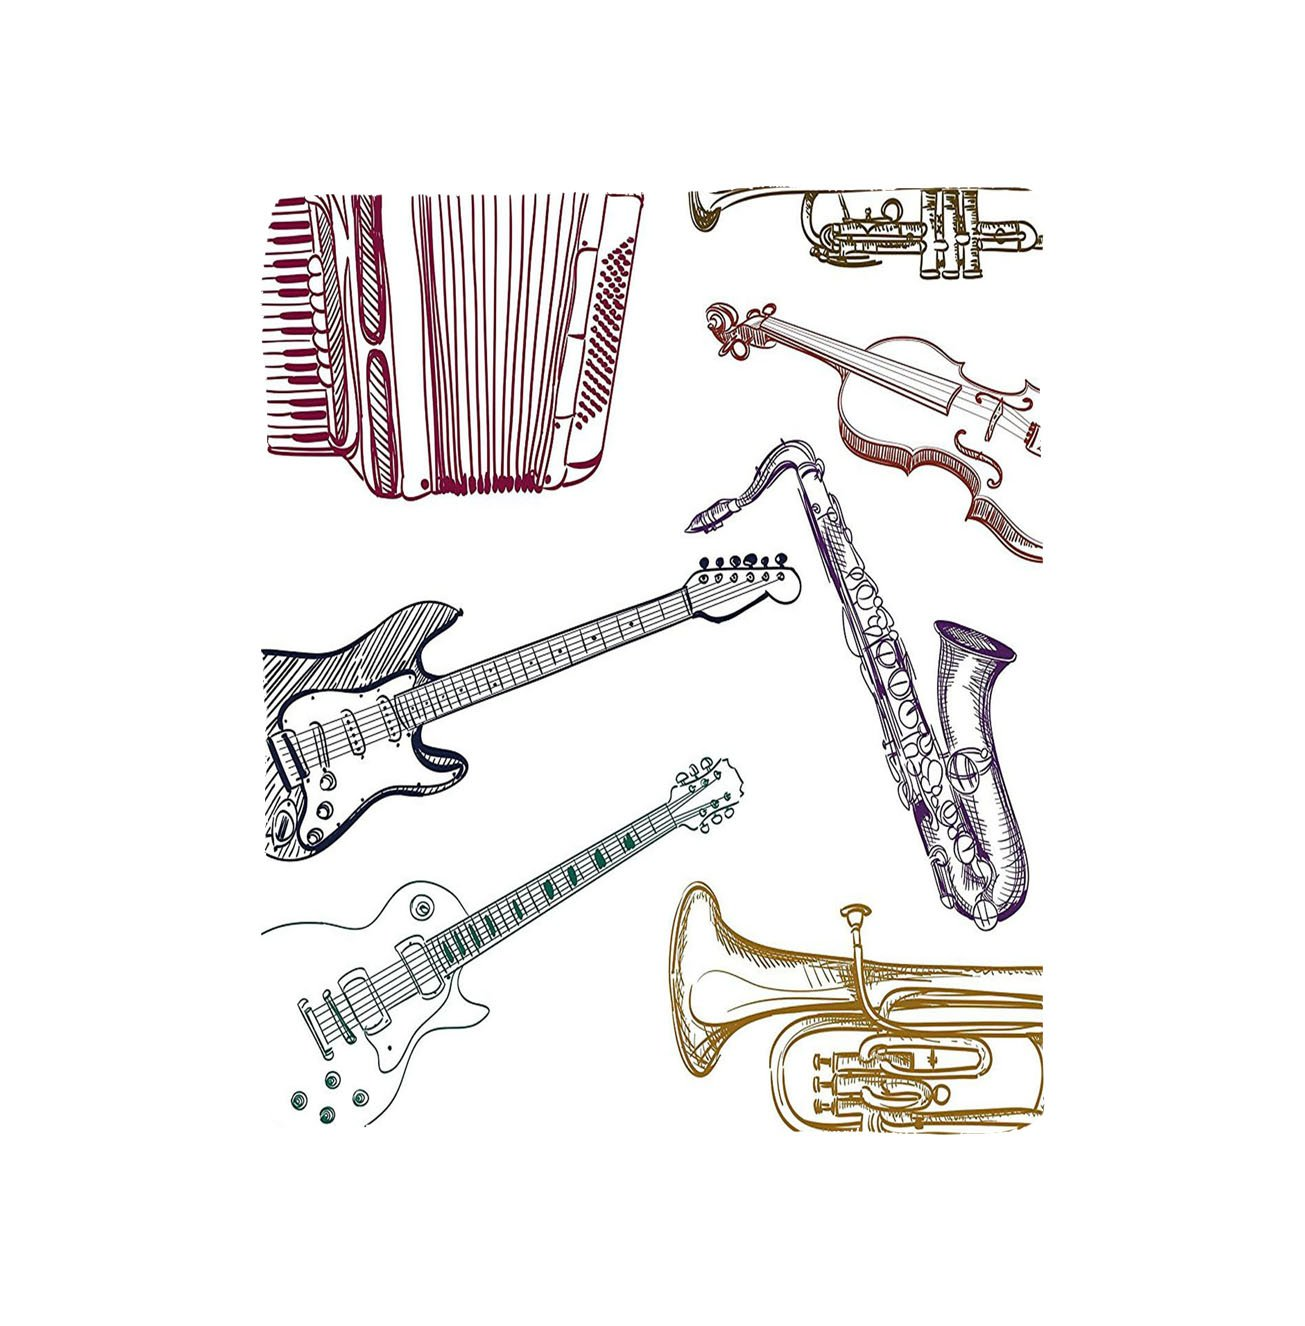 vroselvカスタムBlanket音楽楽器LikeチェロギターアコーディオントランペットバイオリンSaxophone印刷ソフトフリーススローブランケットマルチカラー 78.7 X 49.2 Inch mt-171215008367K200 X G125 B078B8WKTC 78.7 X 49.2 Inch78.7 X 49.2 Inch